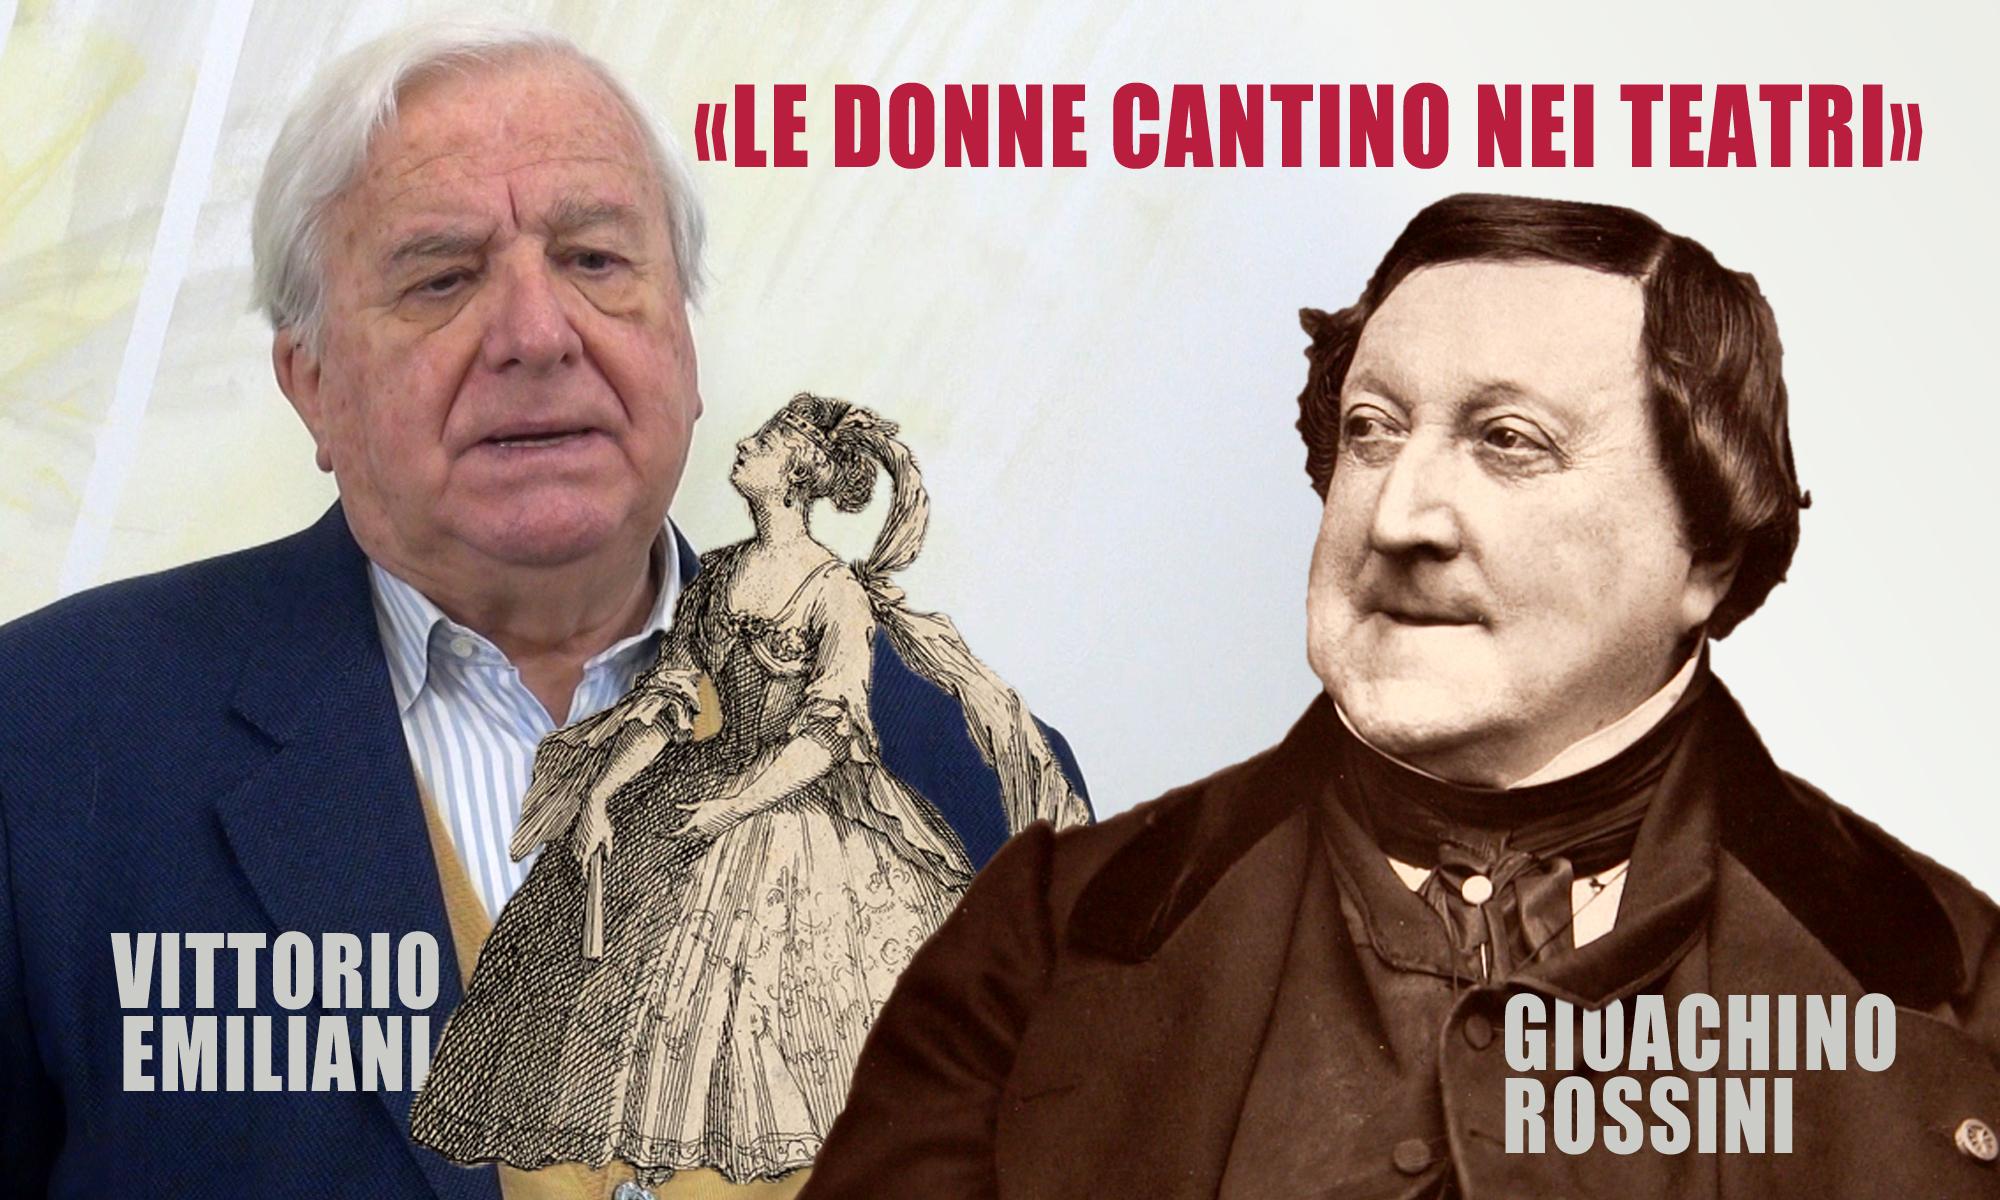 Rossini: «Le donne cantino a teatro»